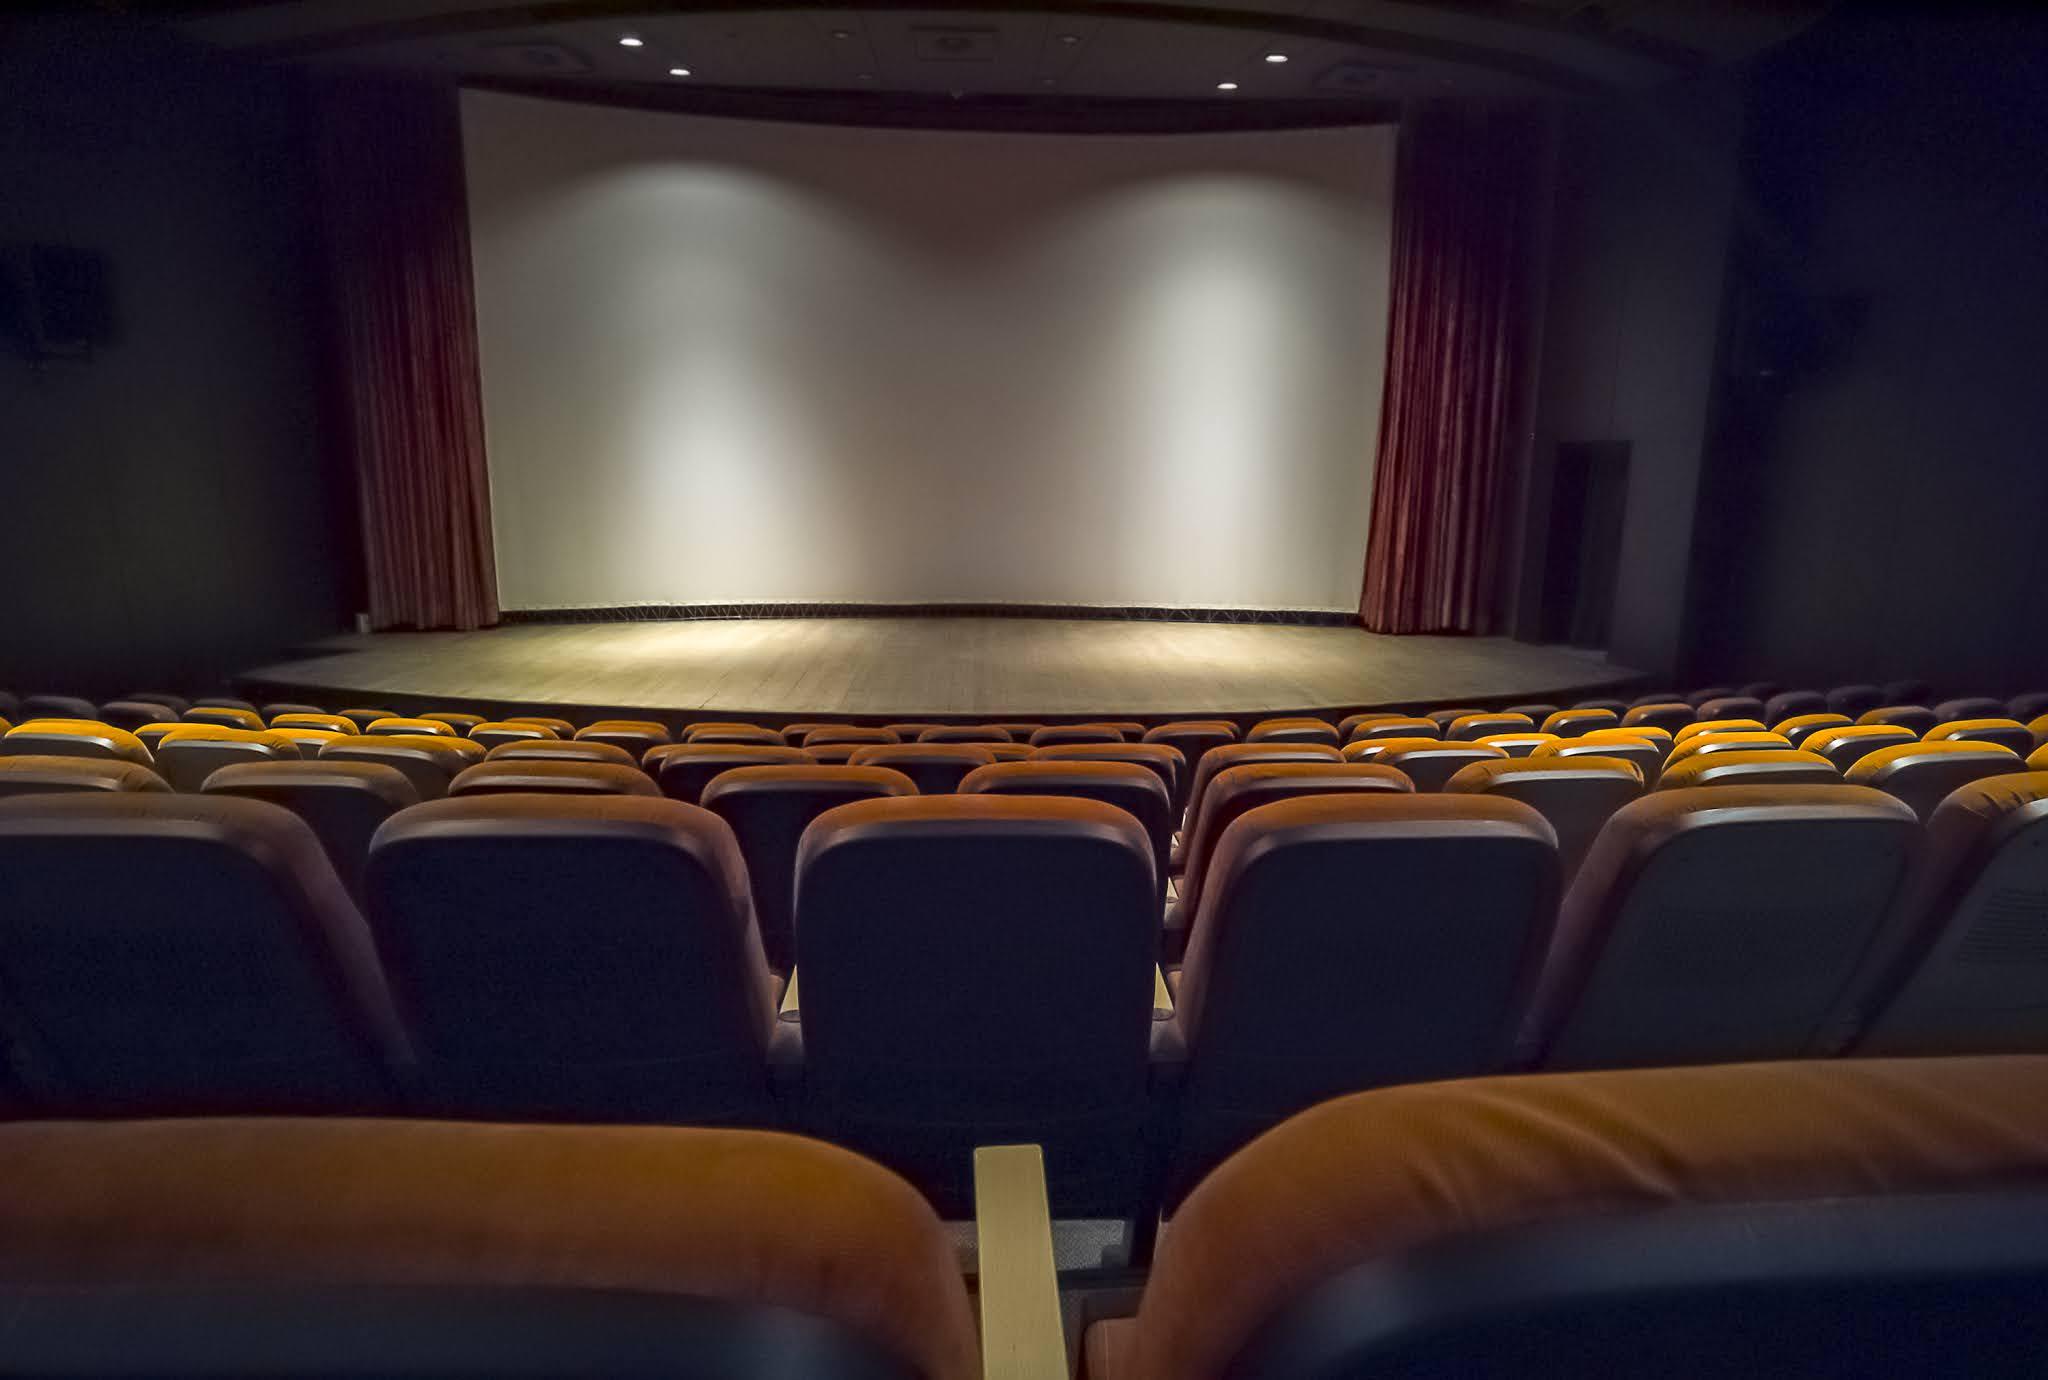 السعودية : إدارة مهرجان الأفلام تدعم وتسجل 21 فيلماً